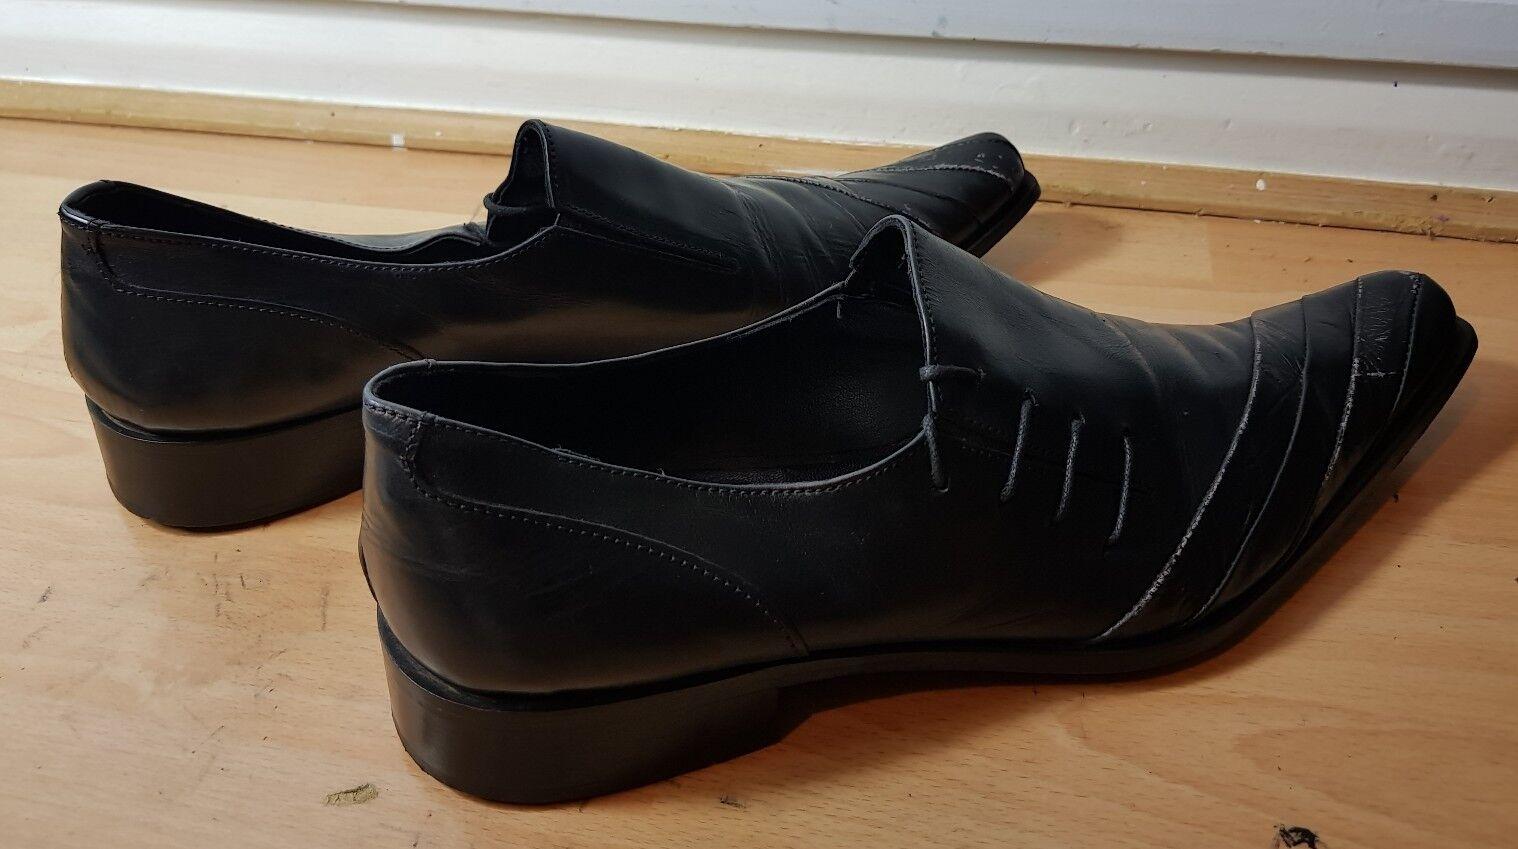 c1a01fdcb0 ... Zapatos de cuero le bottier depuis Diseñador Vestido Formal Formal  Formal todos los negro tamaño de ...